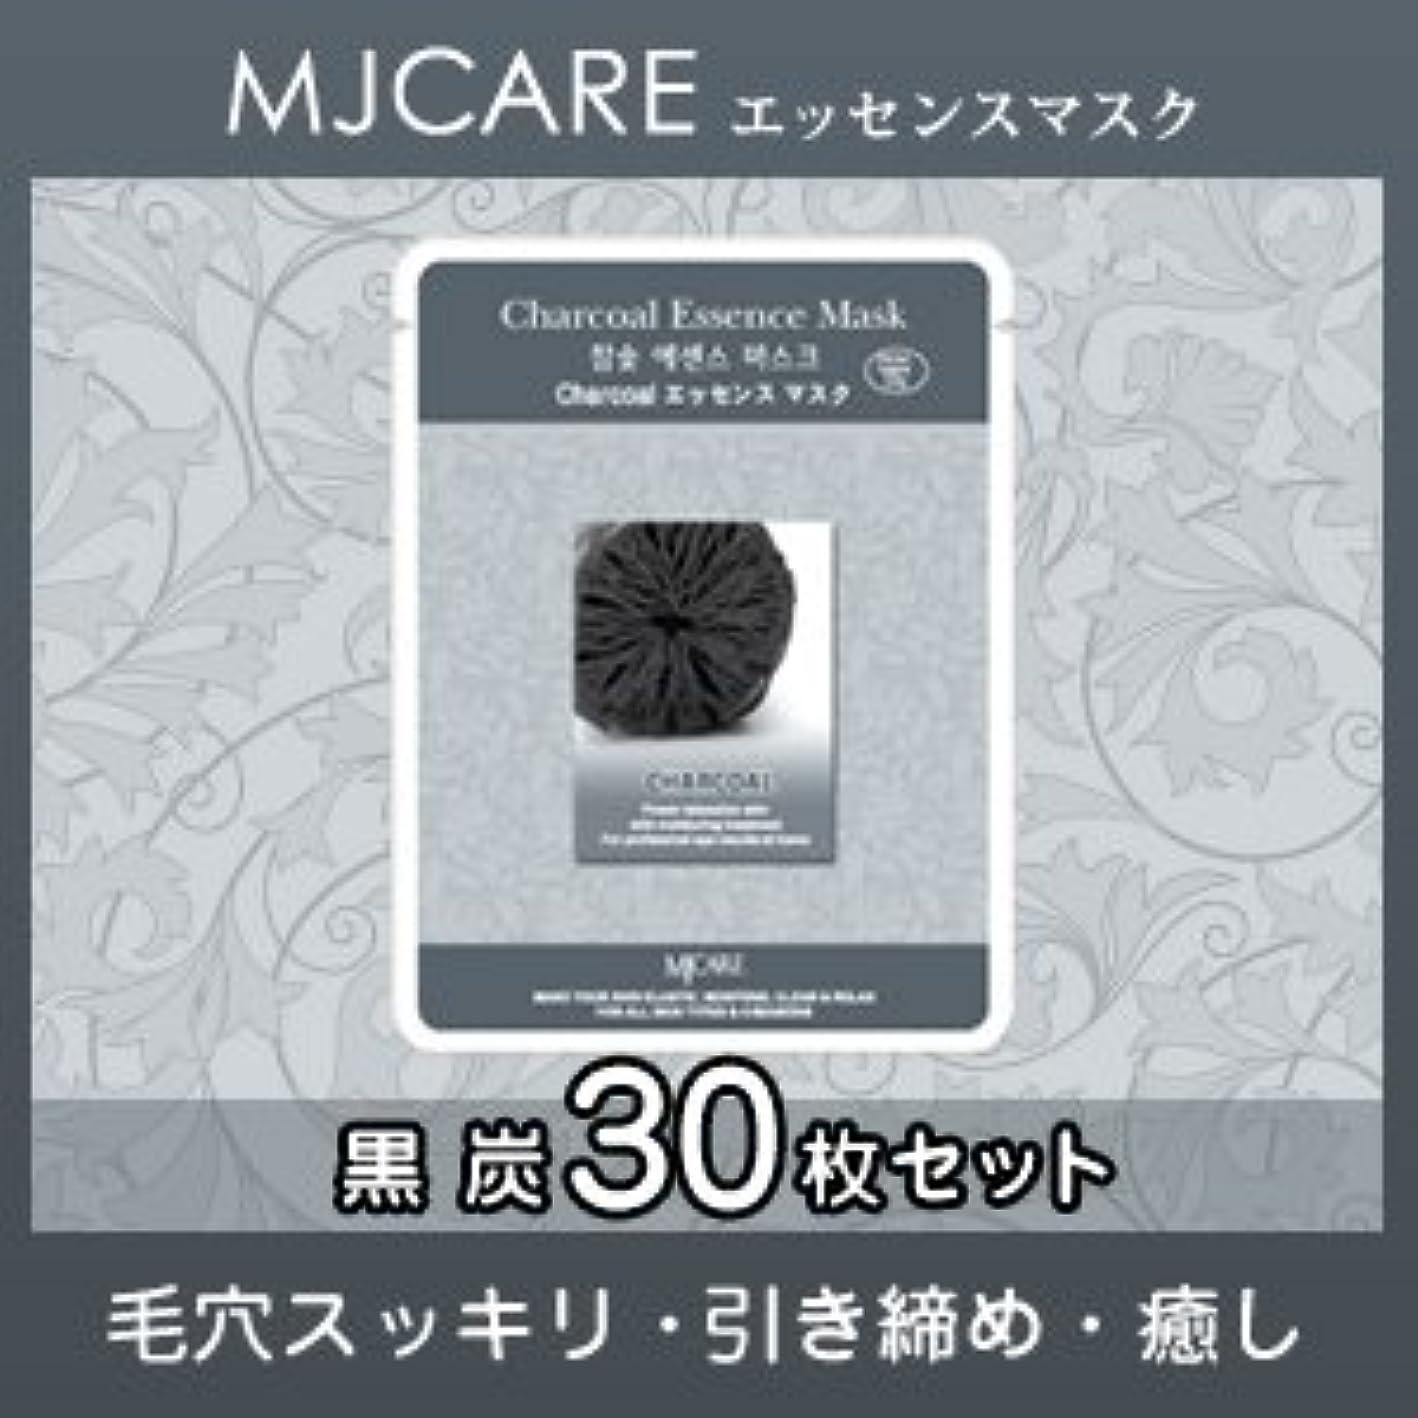 ゴネリルパッケージモネMJCARE (エムジェイケア) 黒炭 エッセンスマスク 30セット